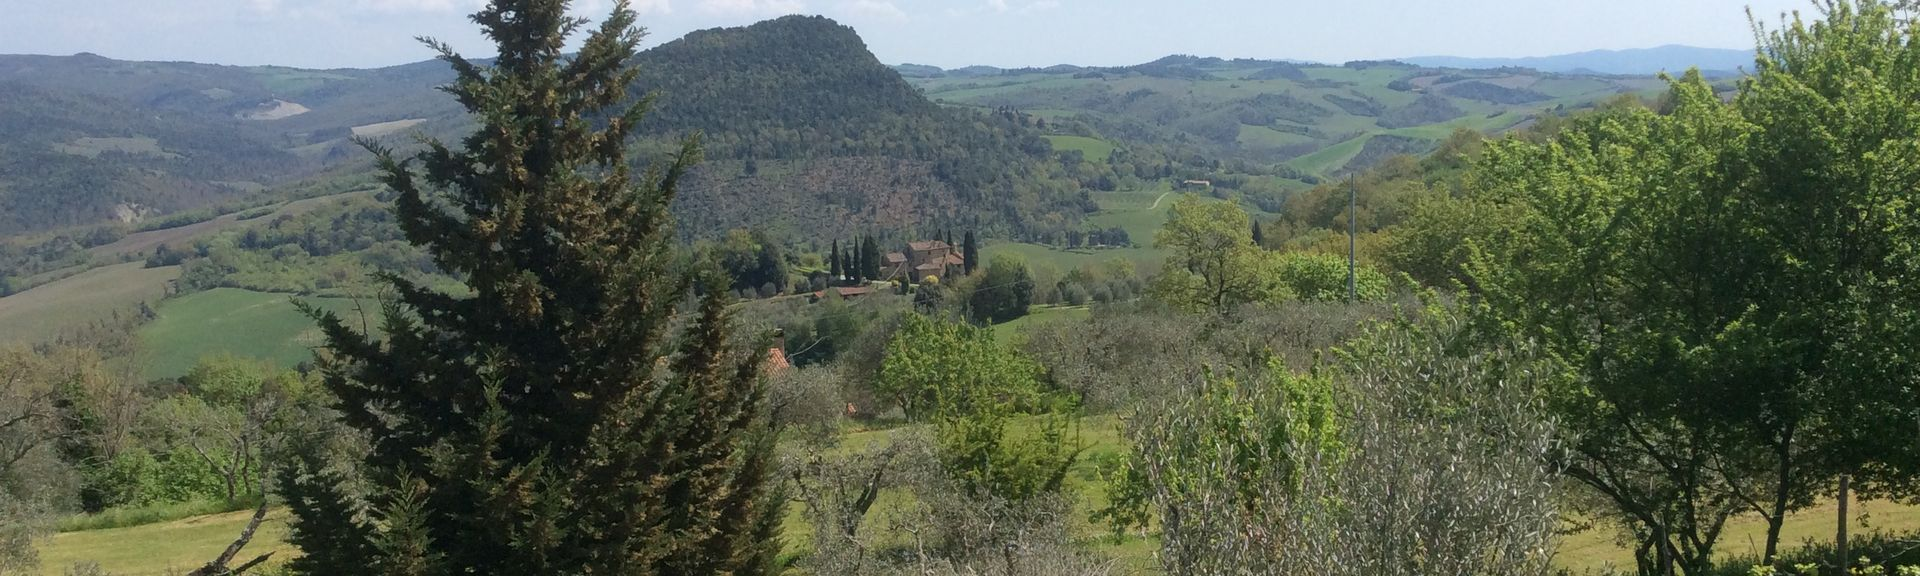 Castelnuovo di Val di Cecina, Toscana, Italien